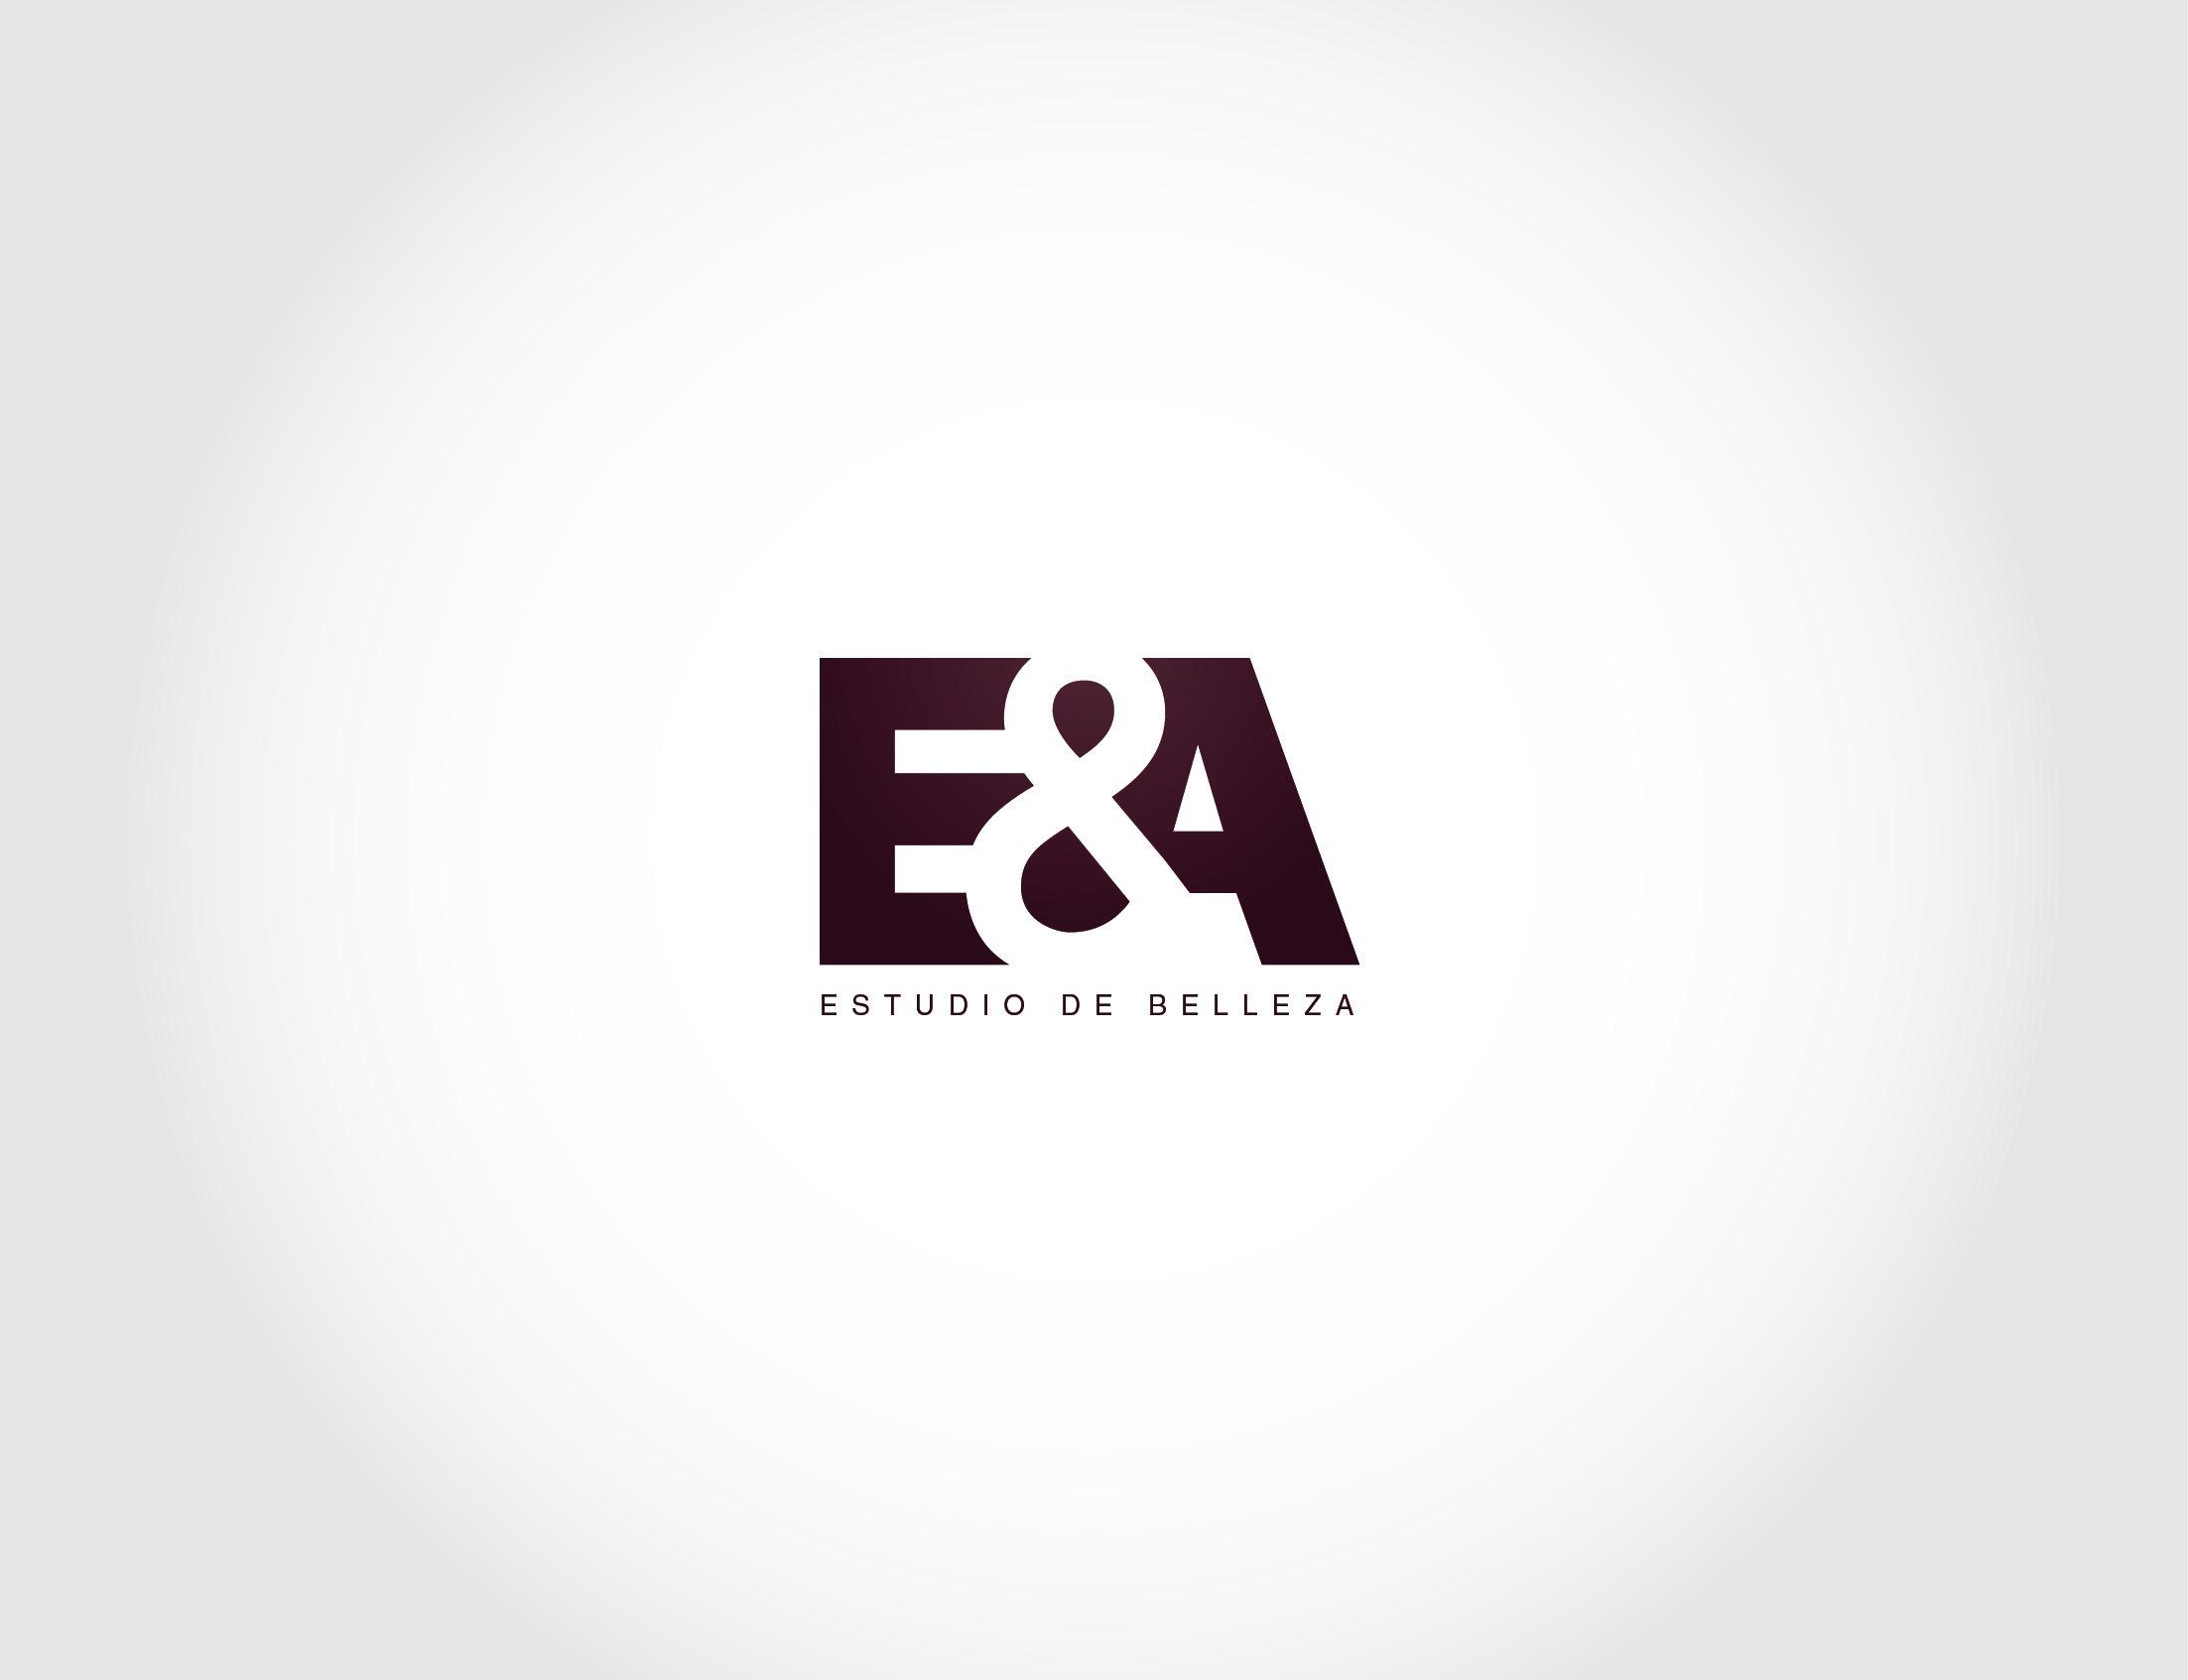 E&A Estudio de Belleza